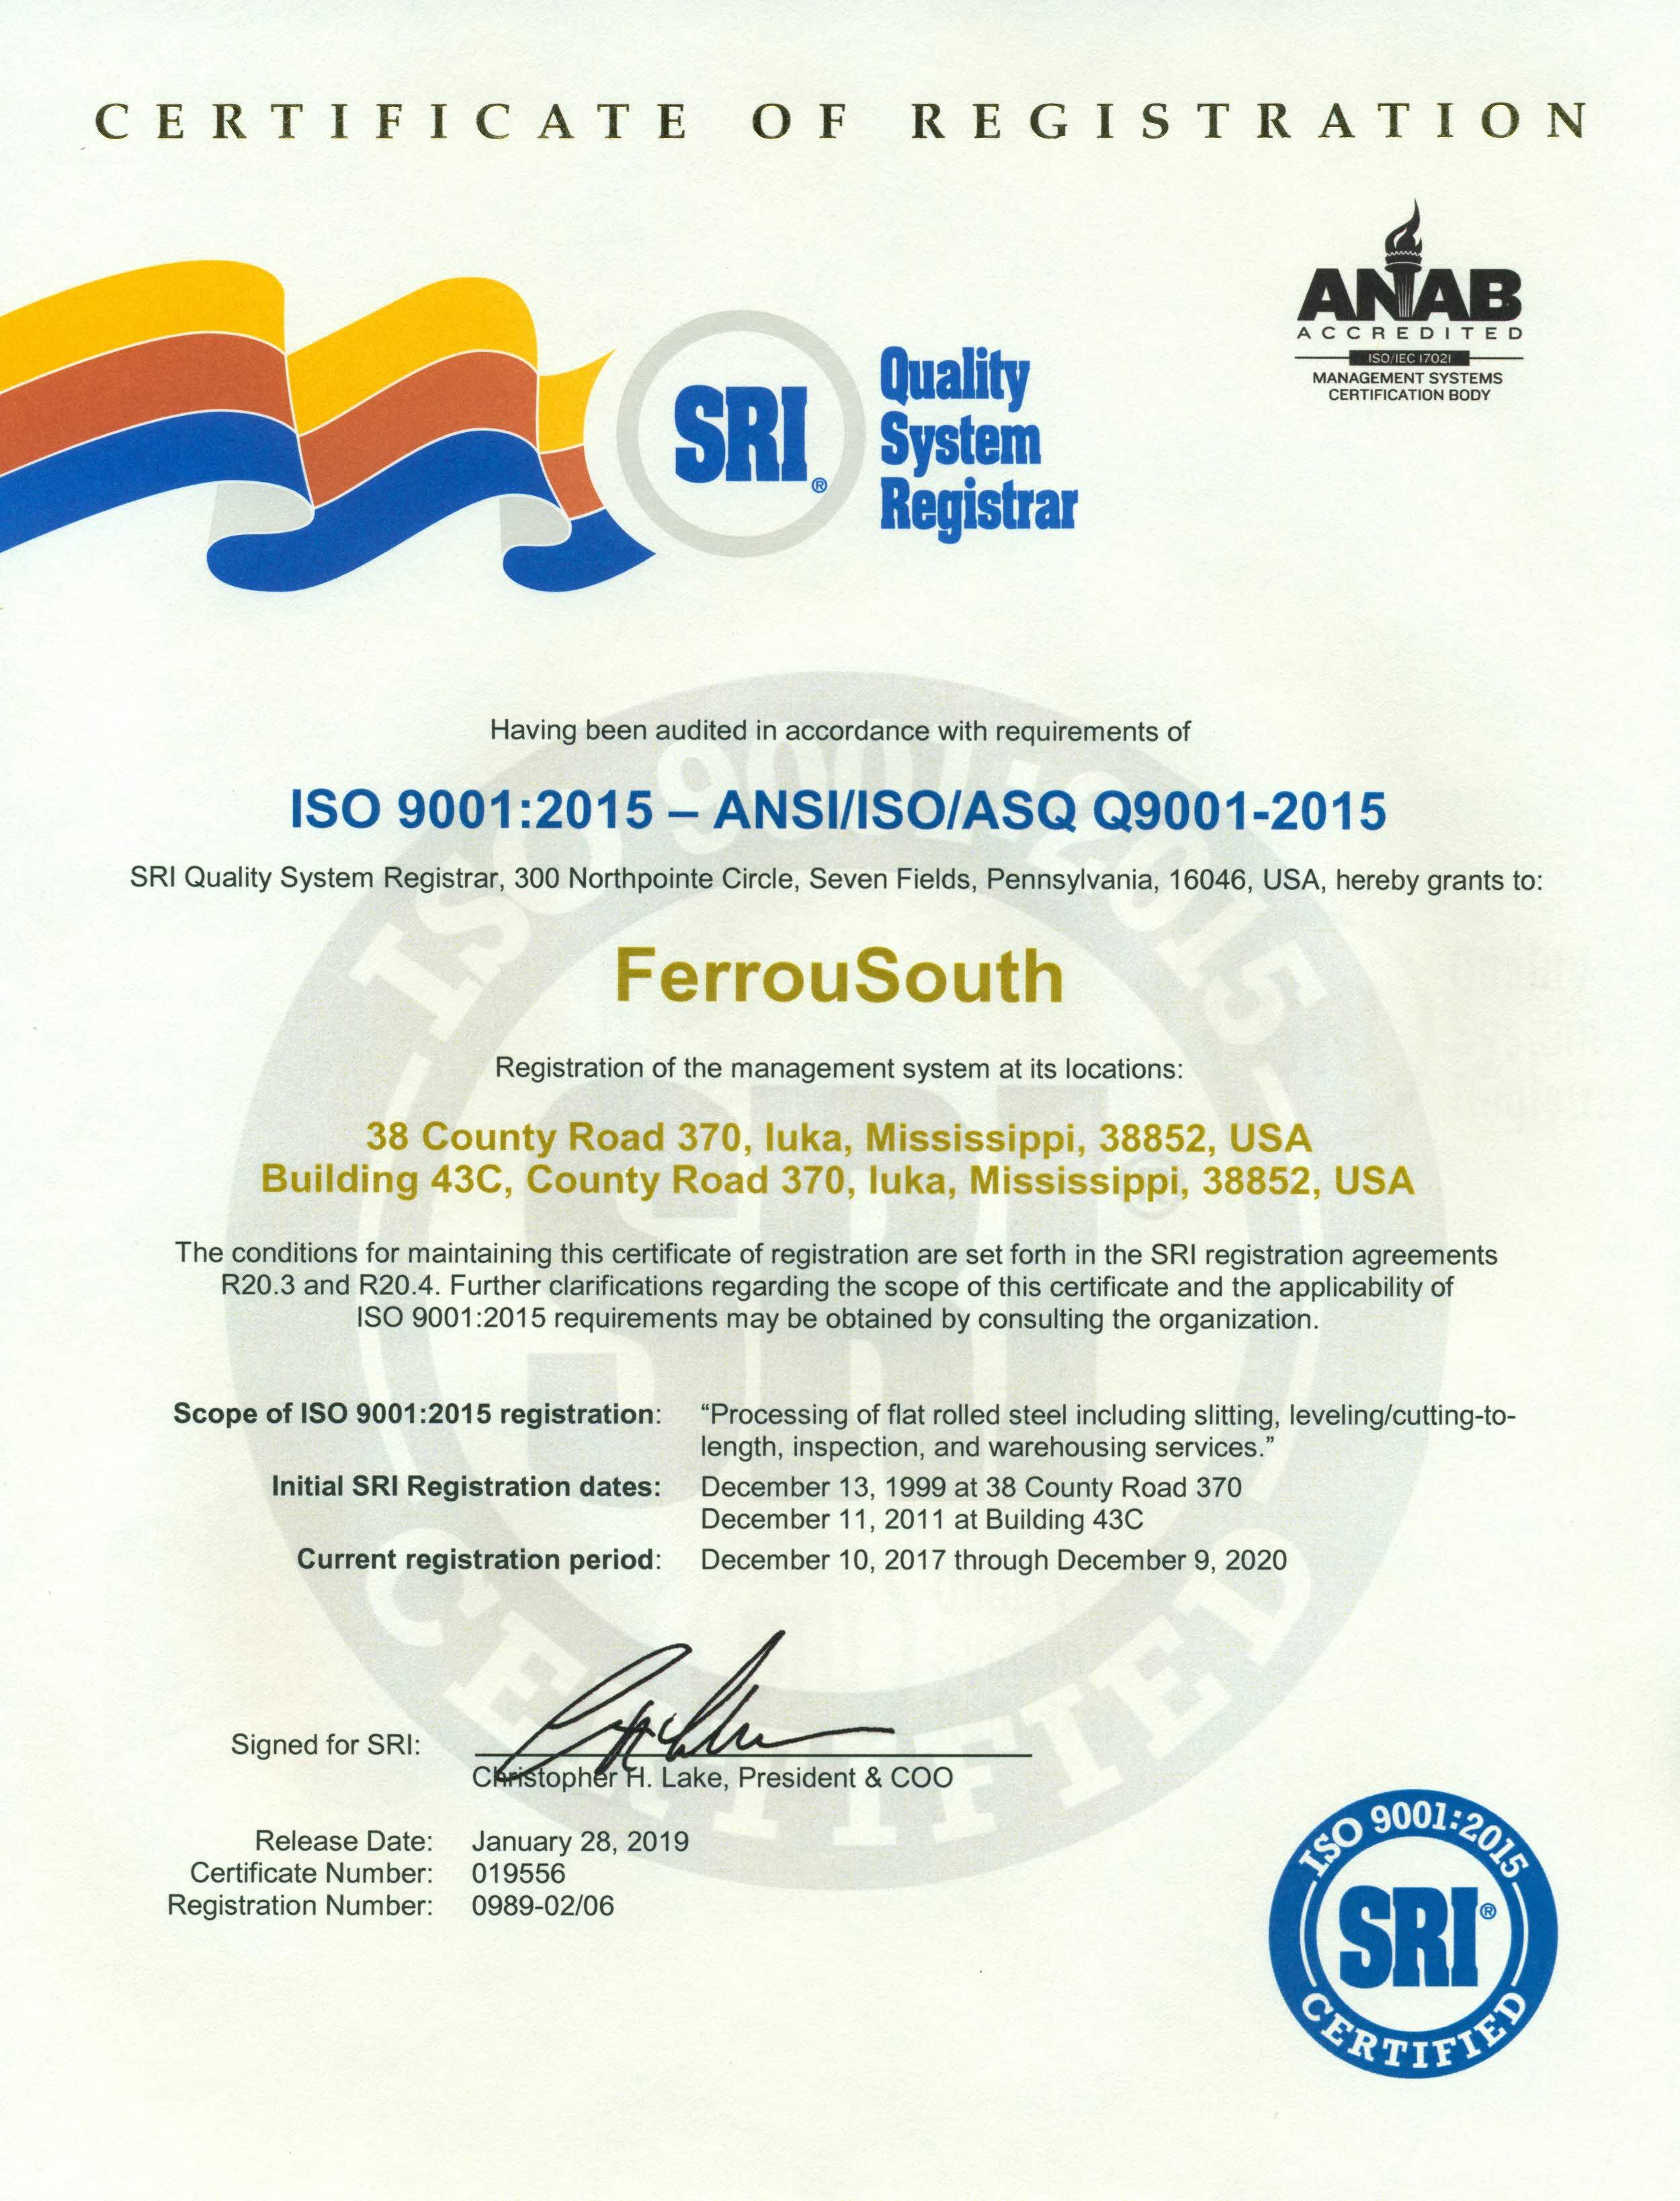 FerrouSouth ISO 9001-2015 (1-28-19 release)